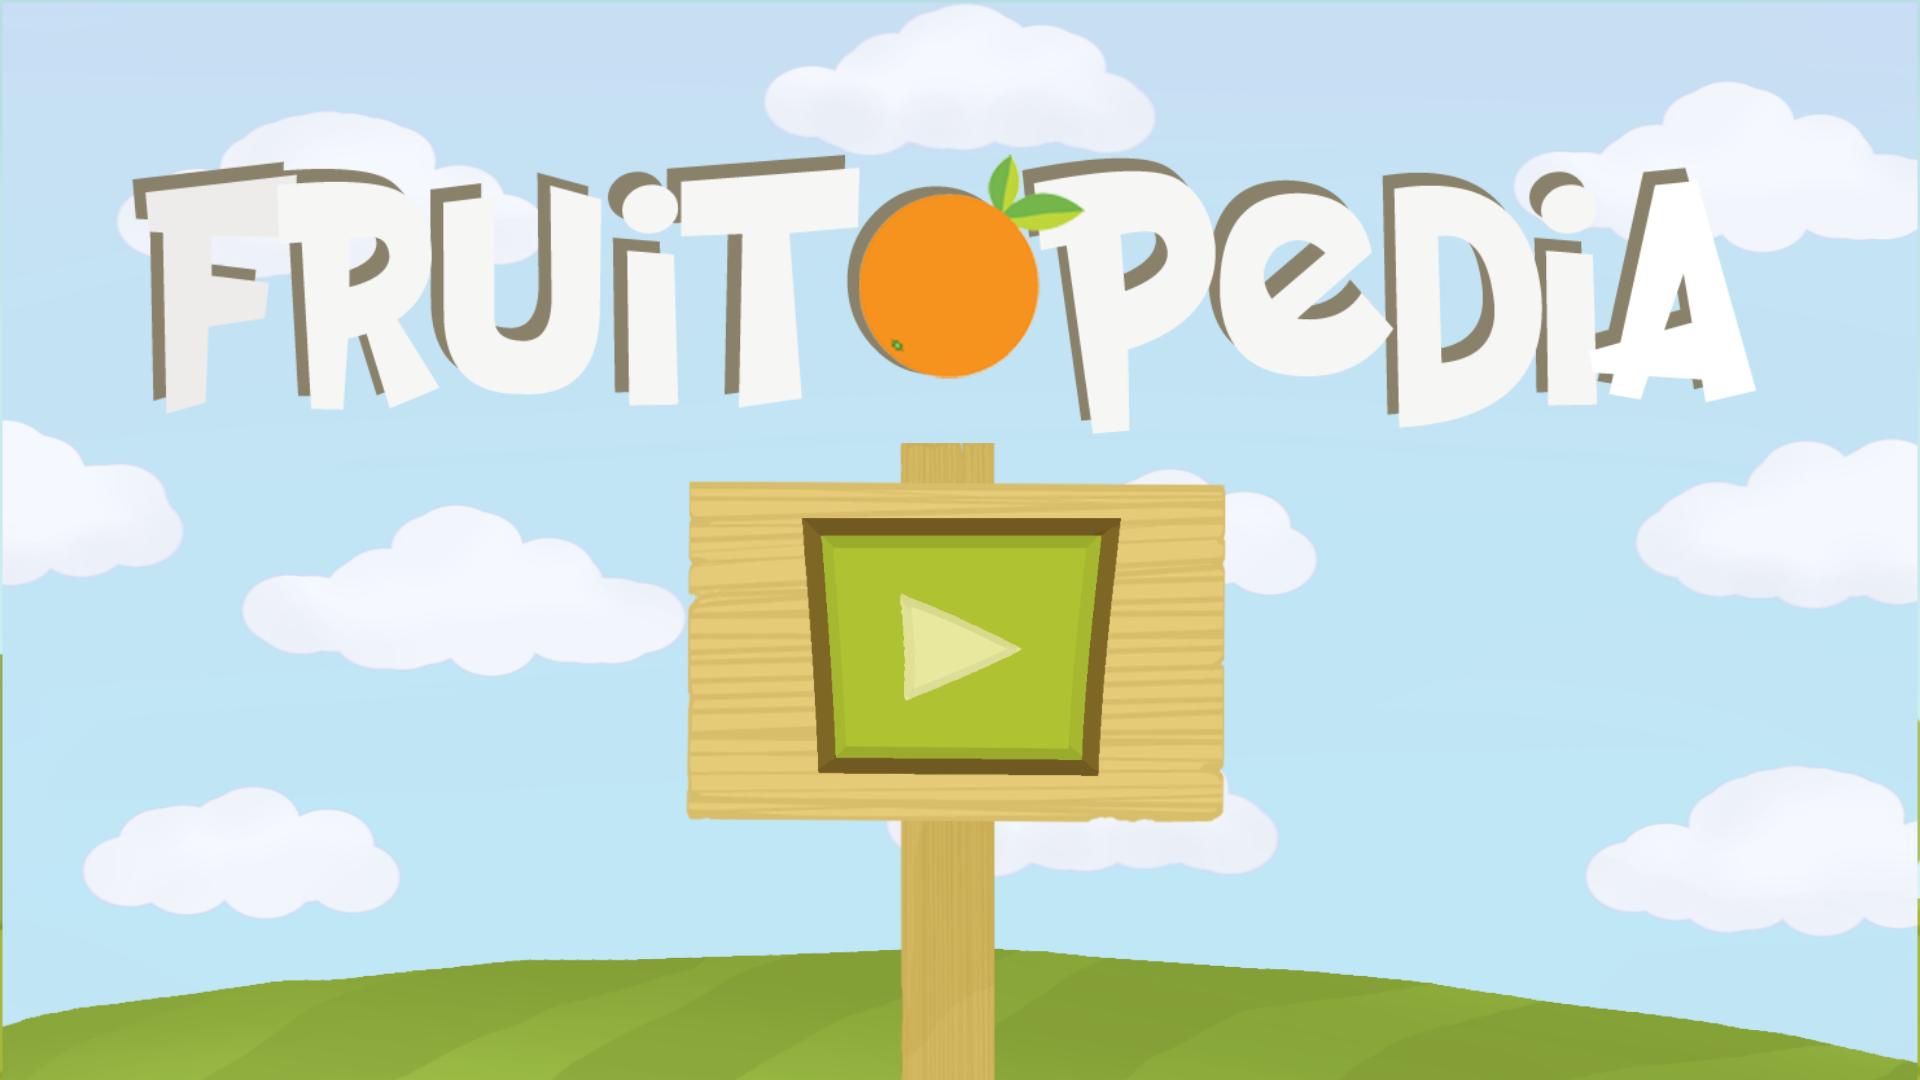 Fruitopedia